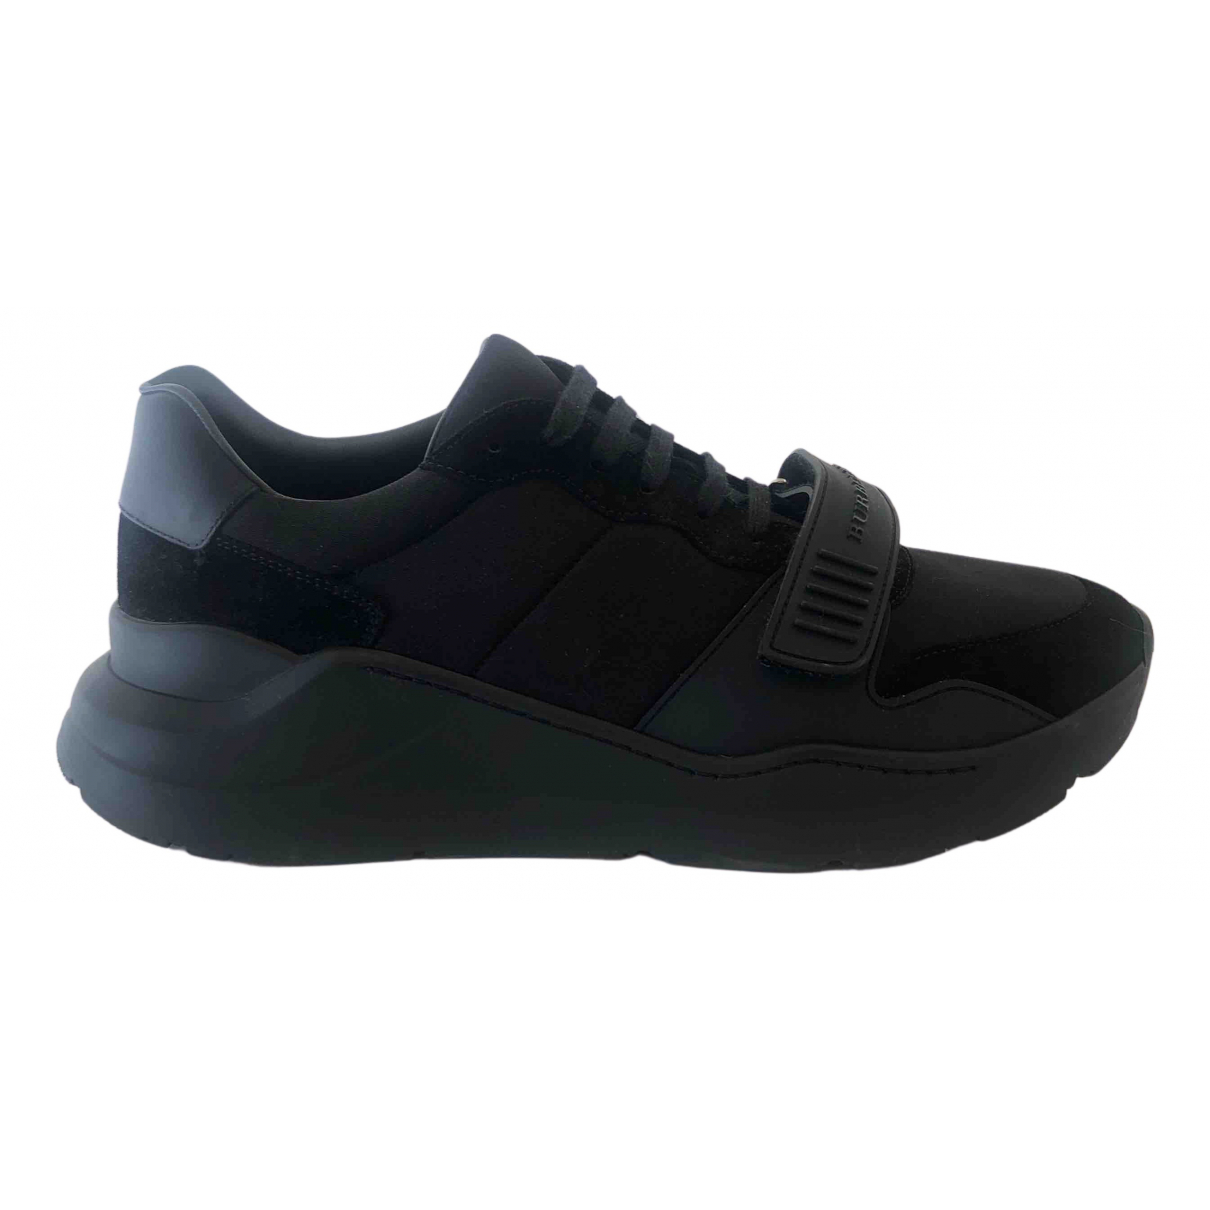 Burberry - Baskets   pour homme en toile - noir